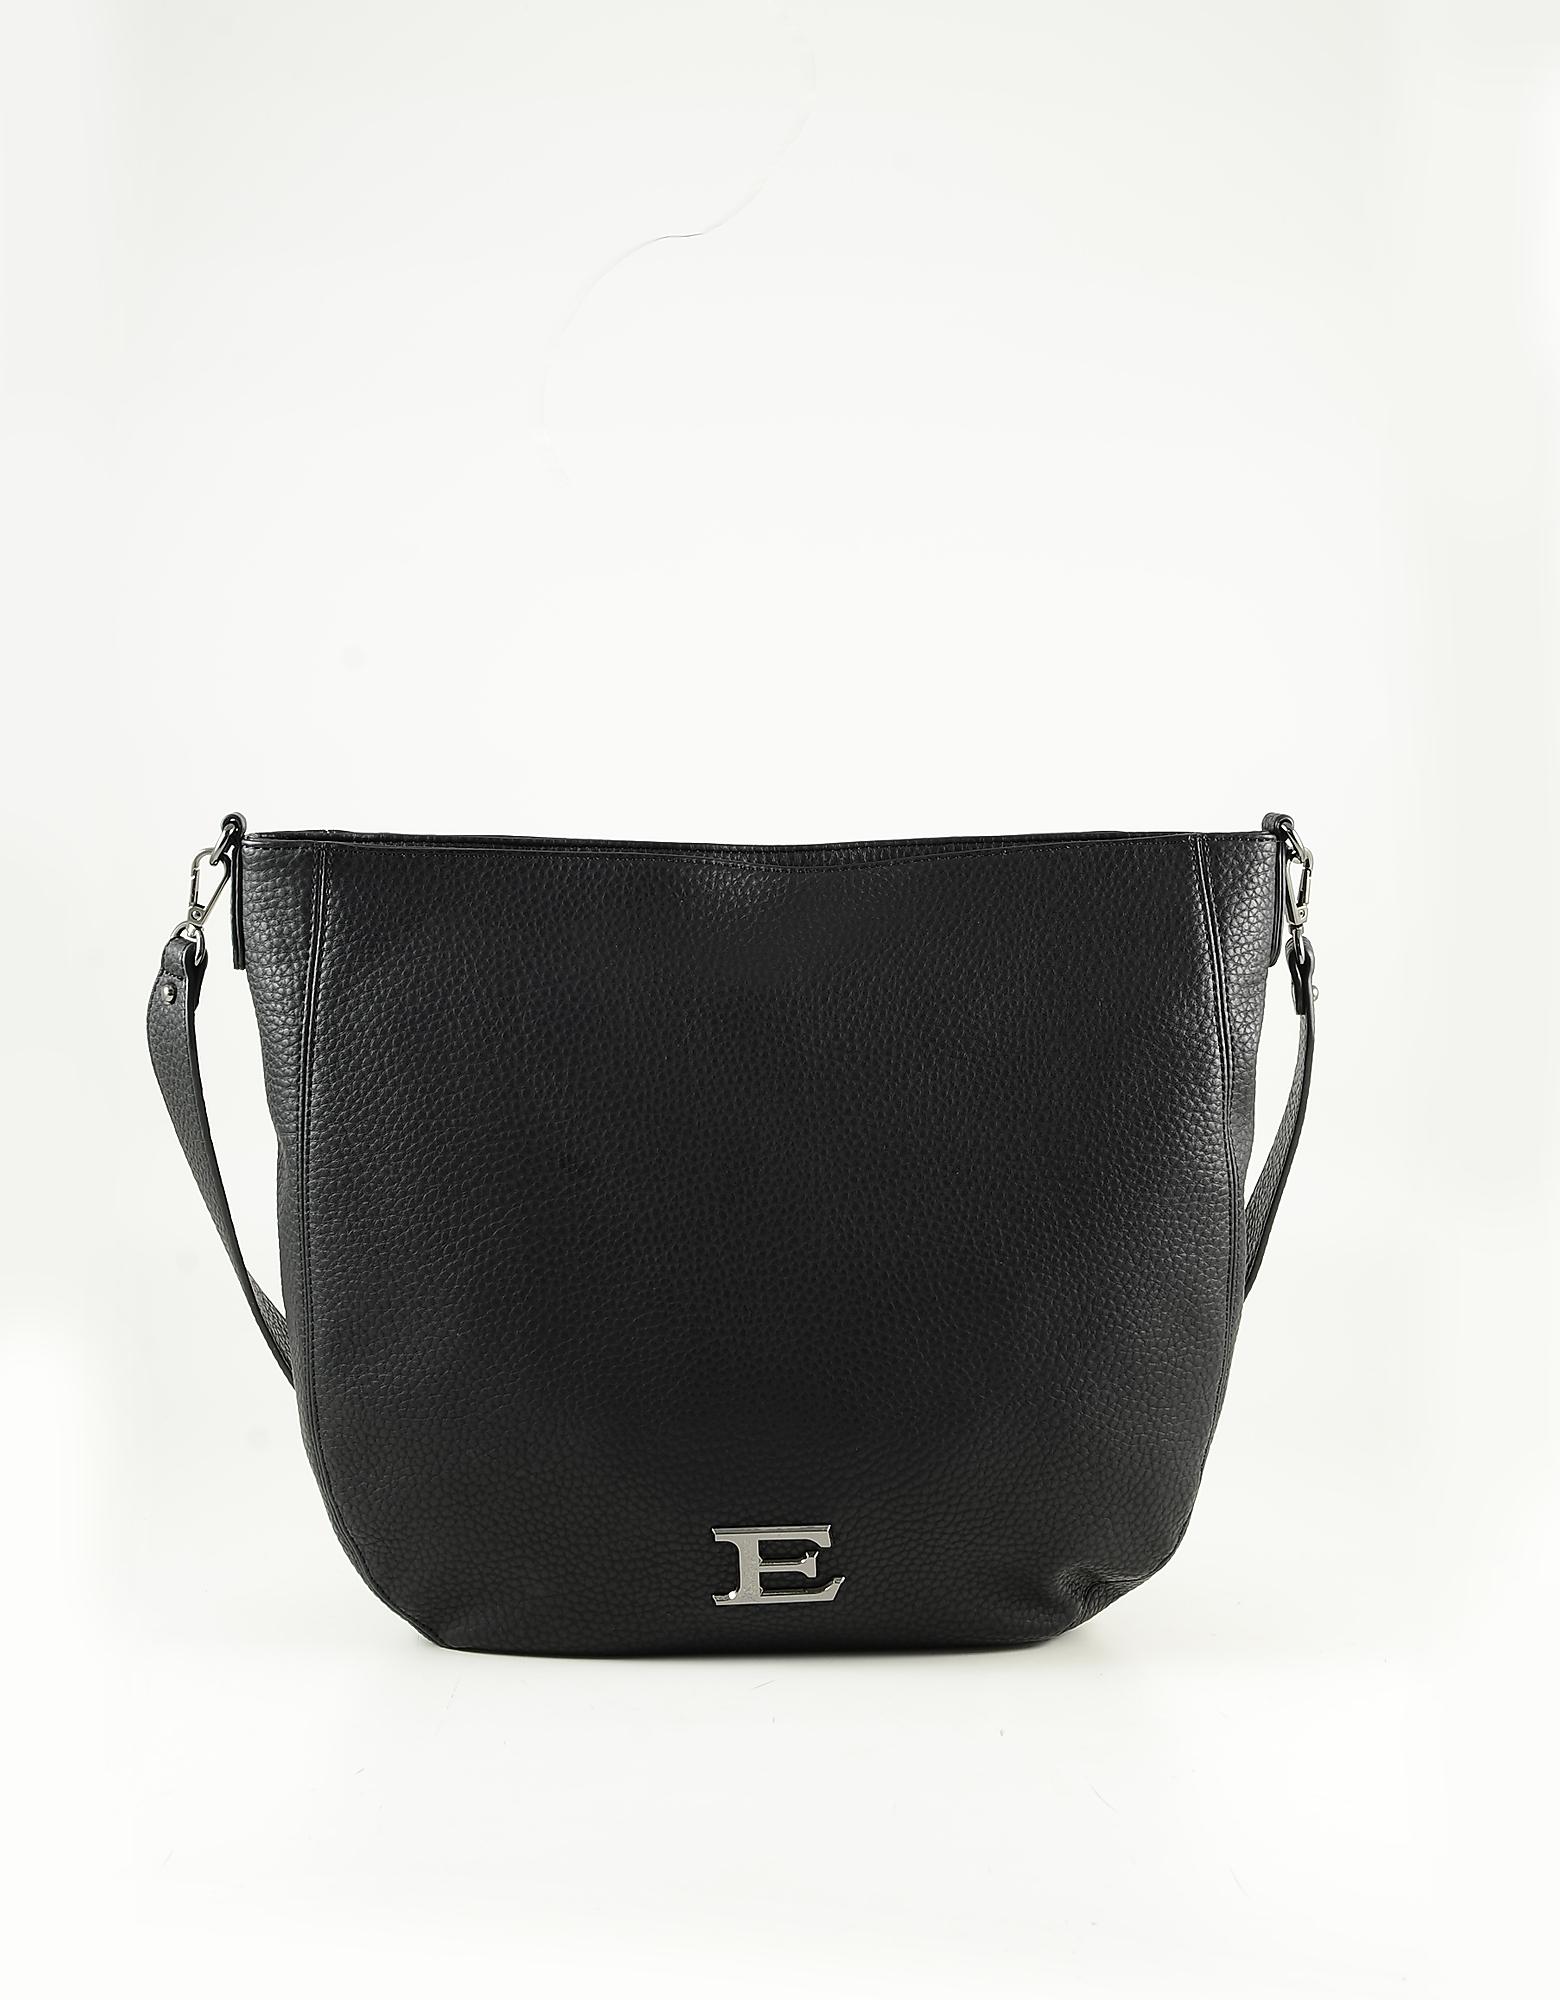 Ermanno Scervino Black Embossed Eco-leather Shoulder Bag